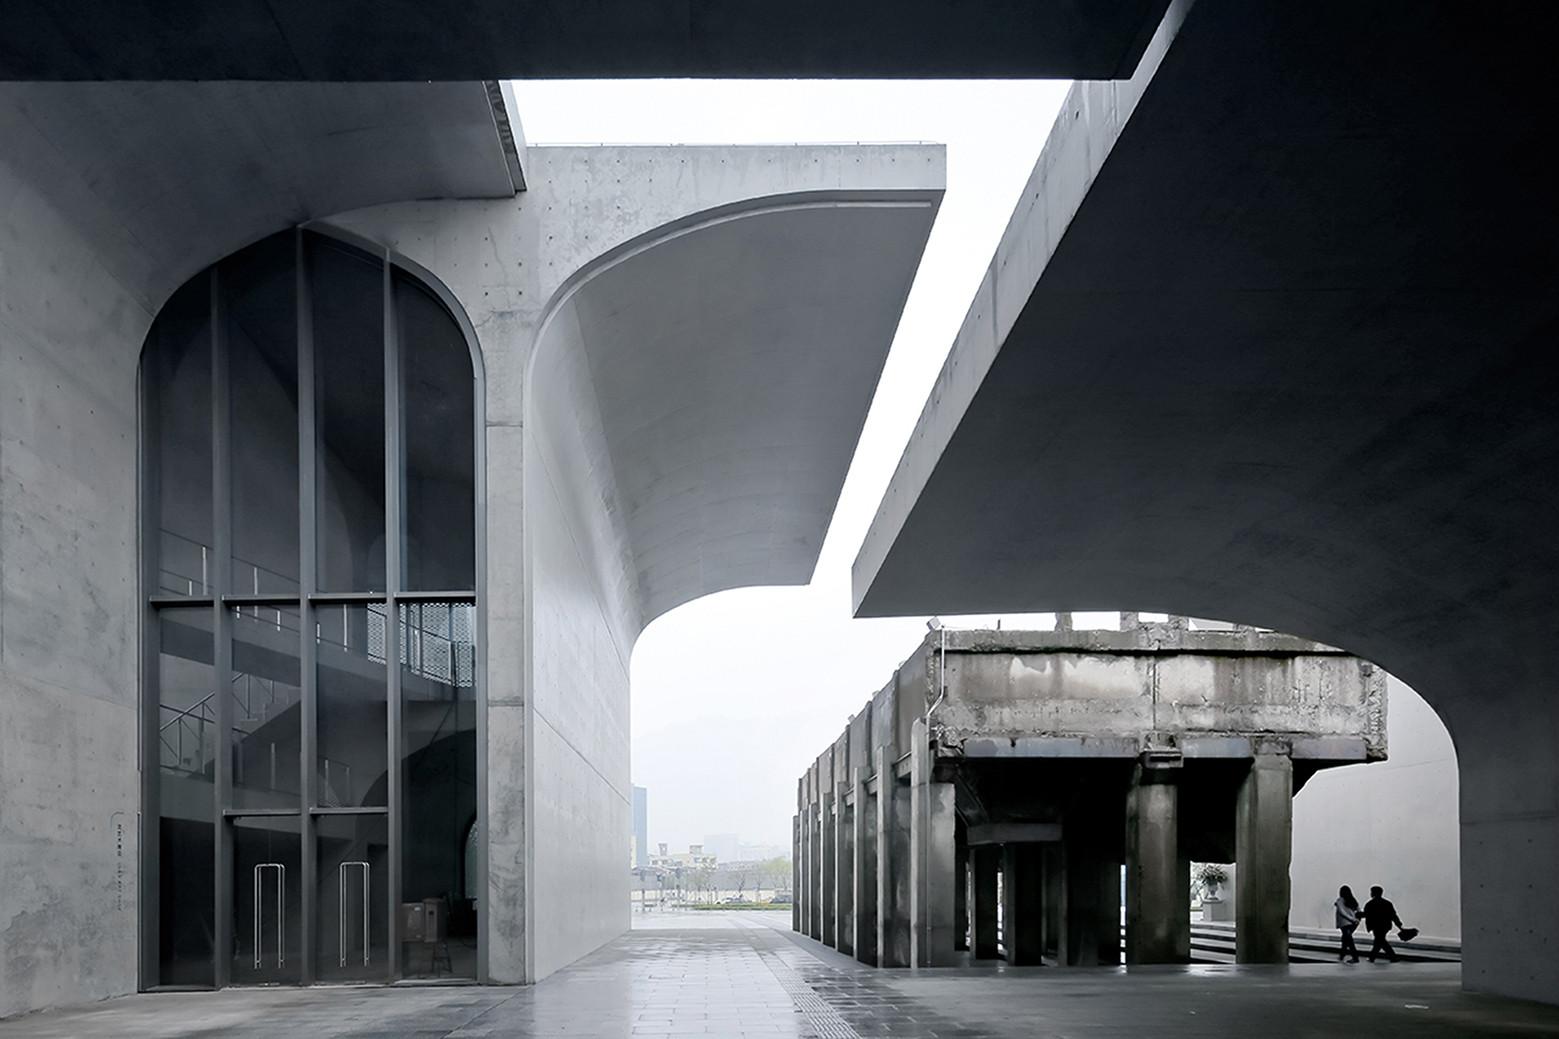 Long Museum West Bund / Atelier Deshaus, © Su Shengliang